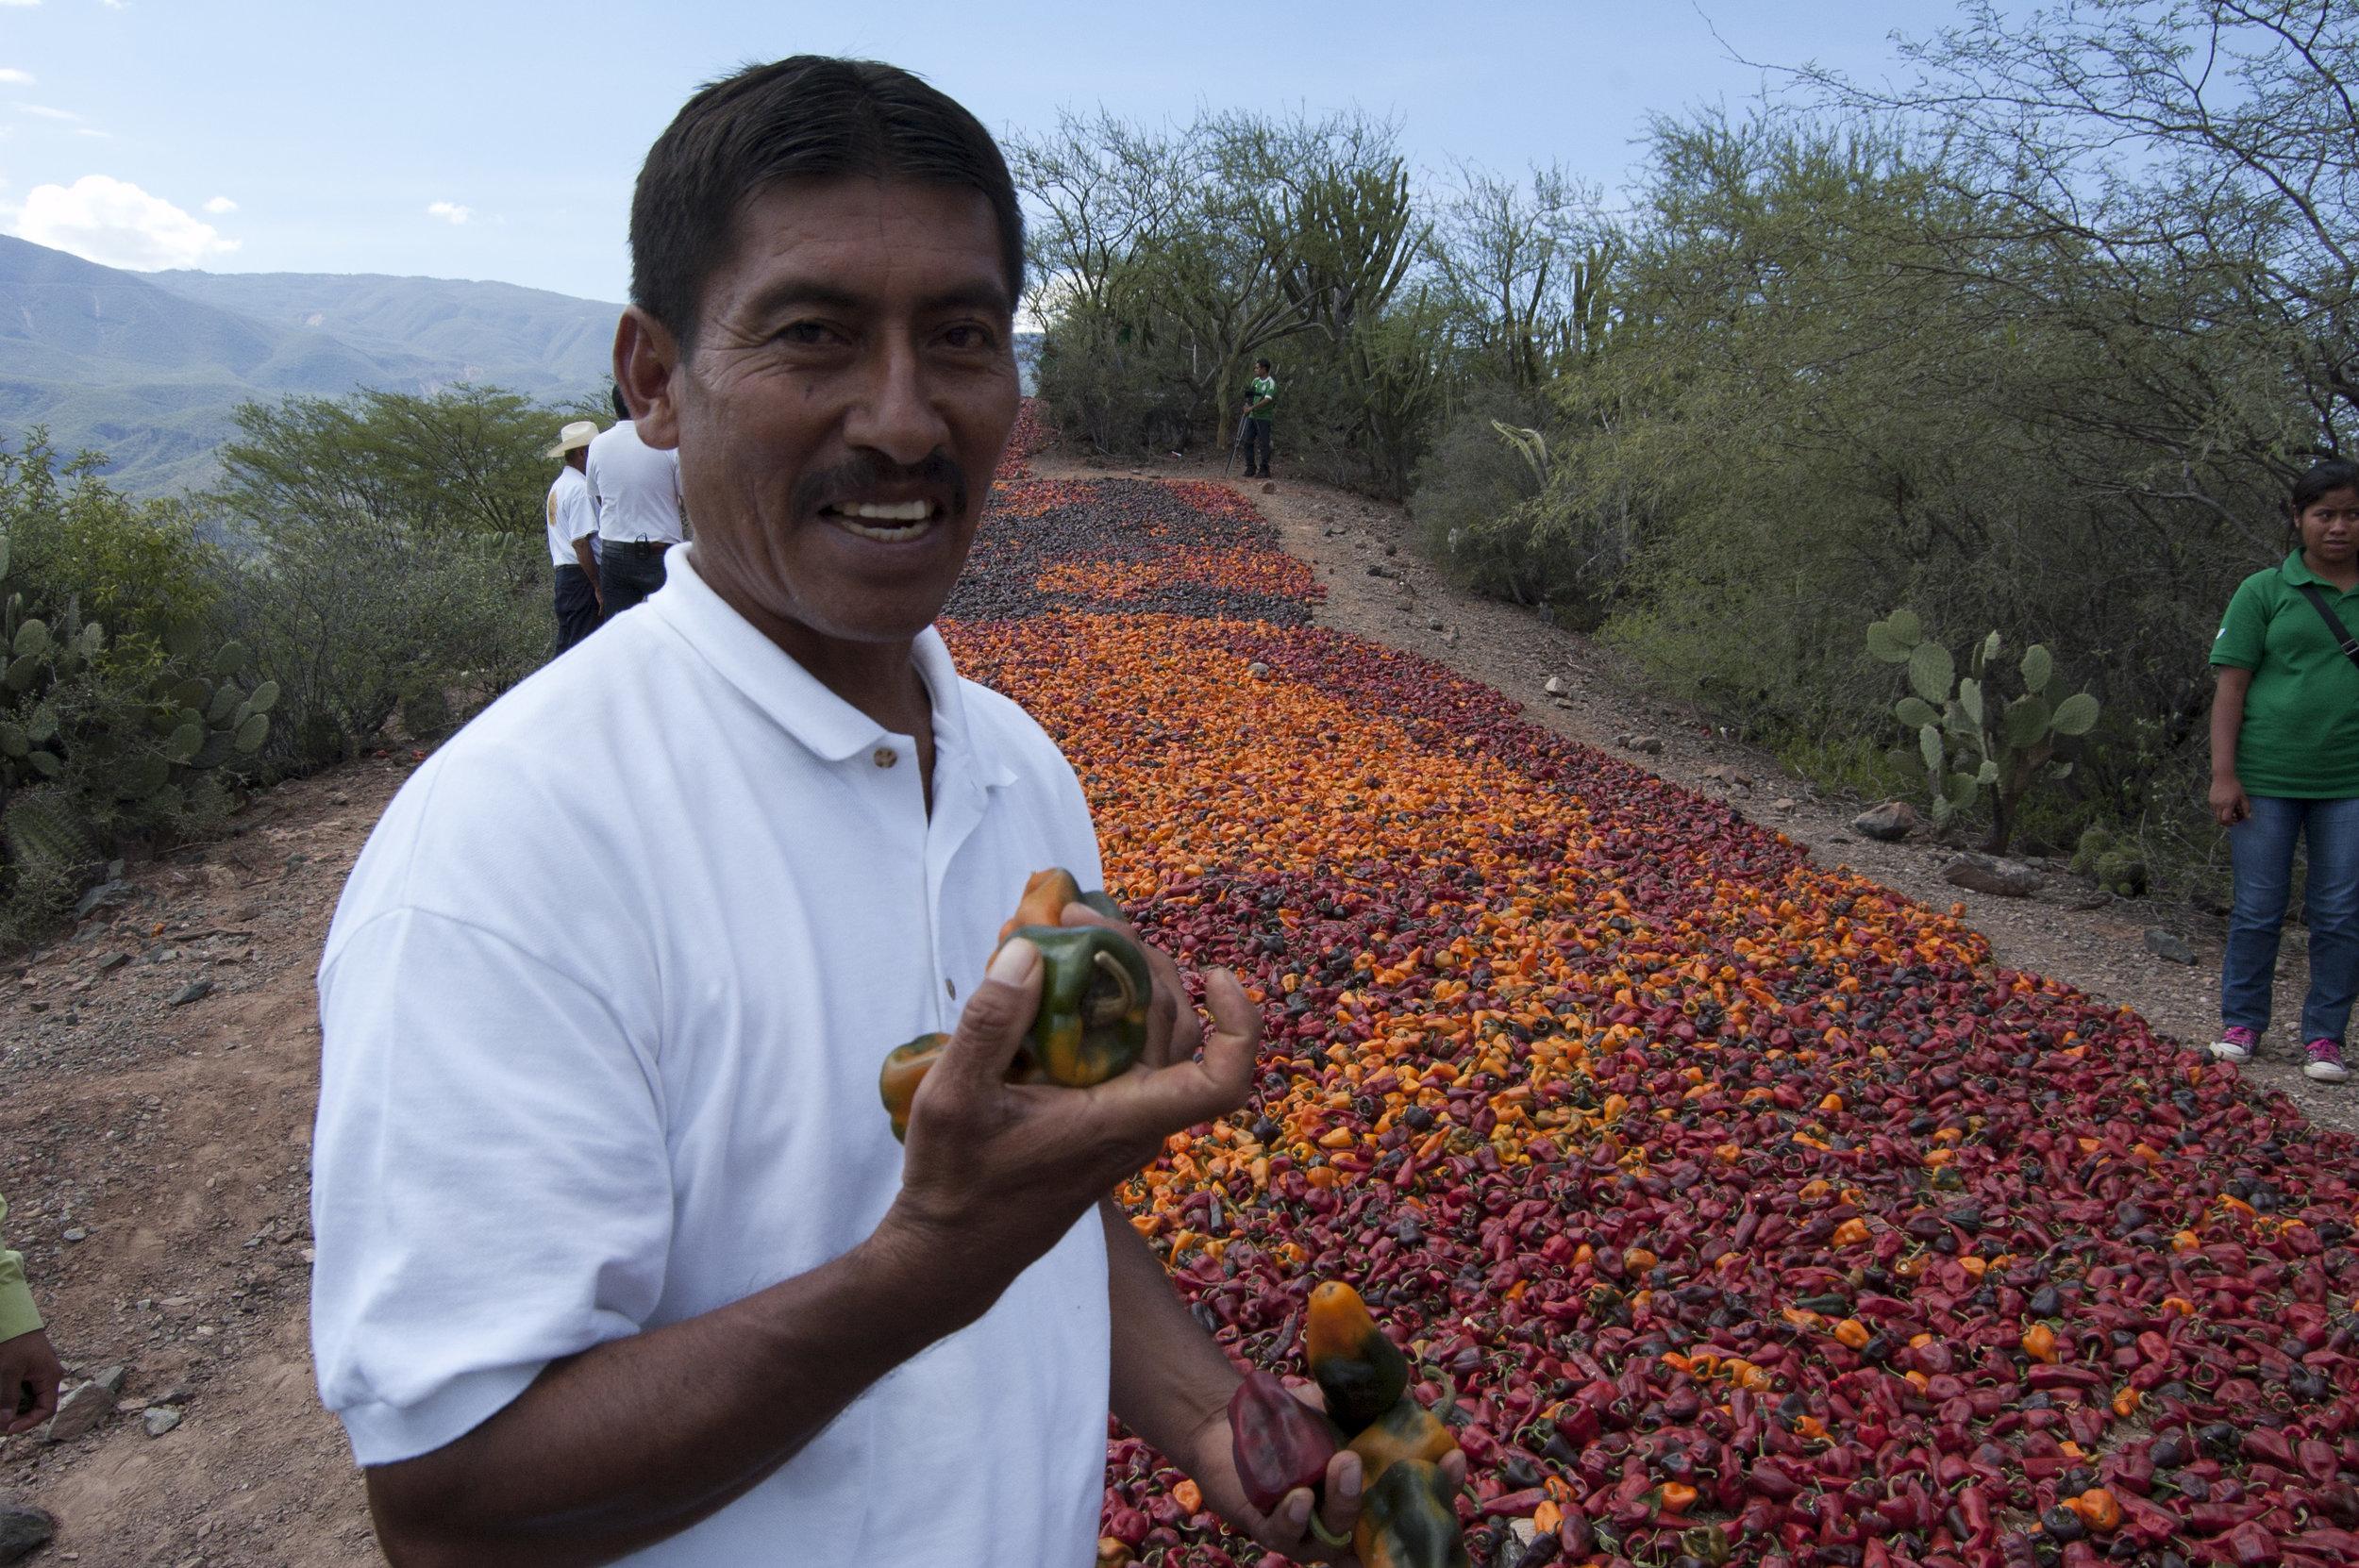 Félix Martínez grows more chilehuacle than anyone else. Photo: L. Laursen